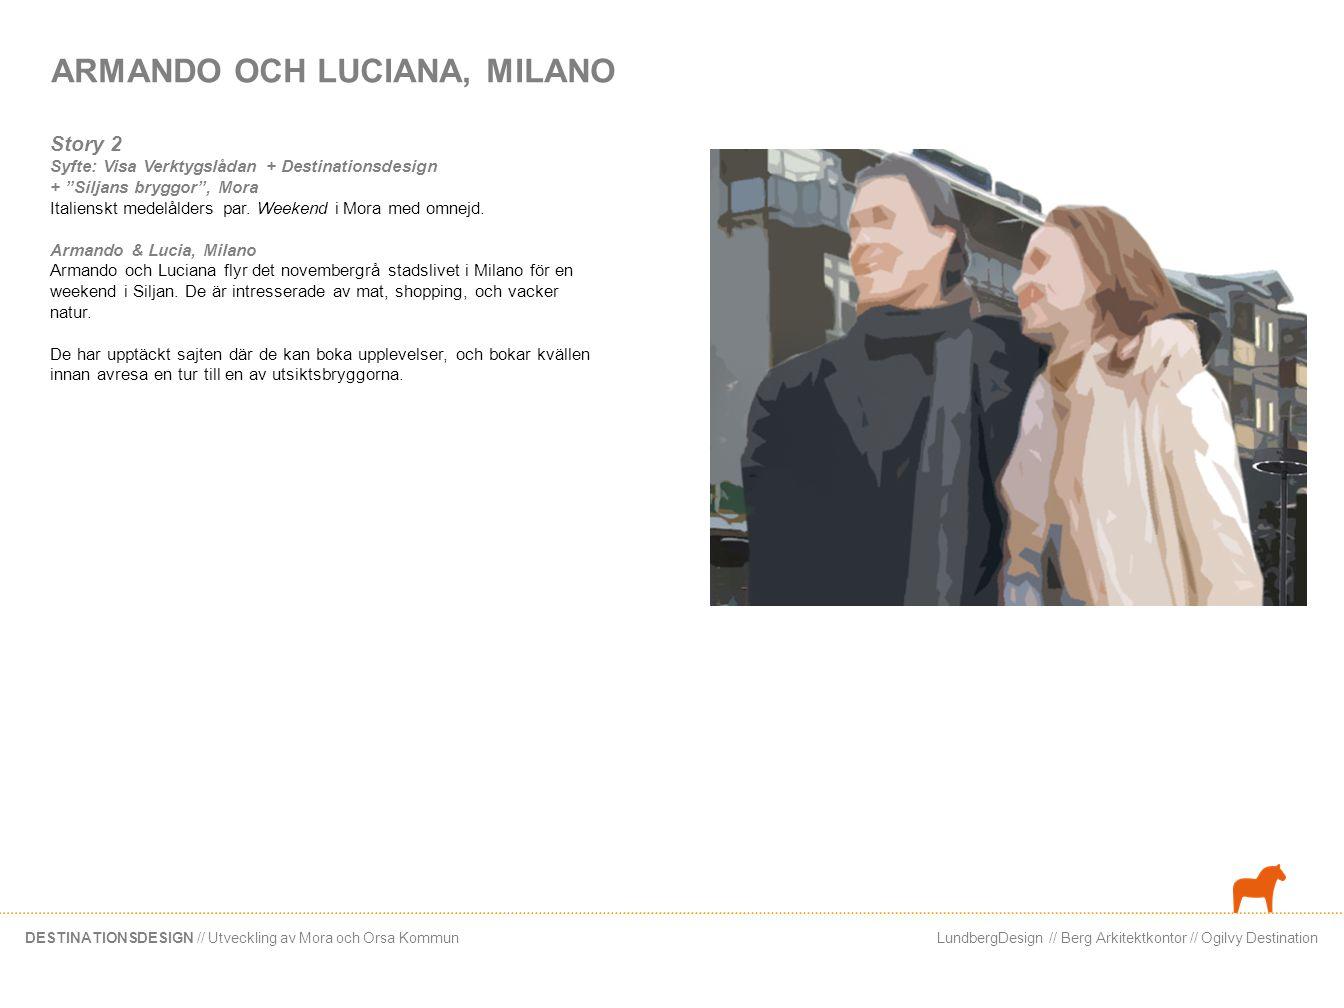 LundbergDesign // Berg Arkitektkontor // Ogilvy DestinationDESTINATIONSDESIGN // Utveckling av Mora och Orsa Kommun Armando och Luciana anländer tidigt med taxi från flygplatsen… Que bello! , säger Armando.